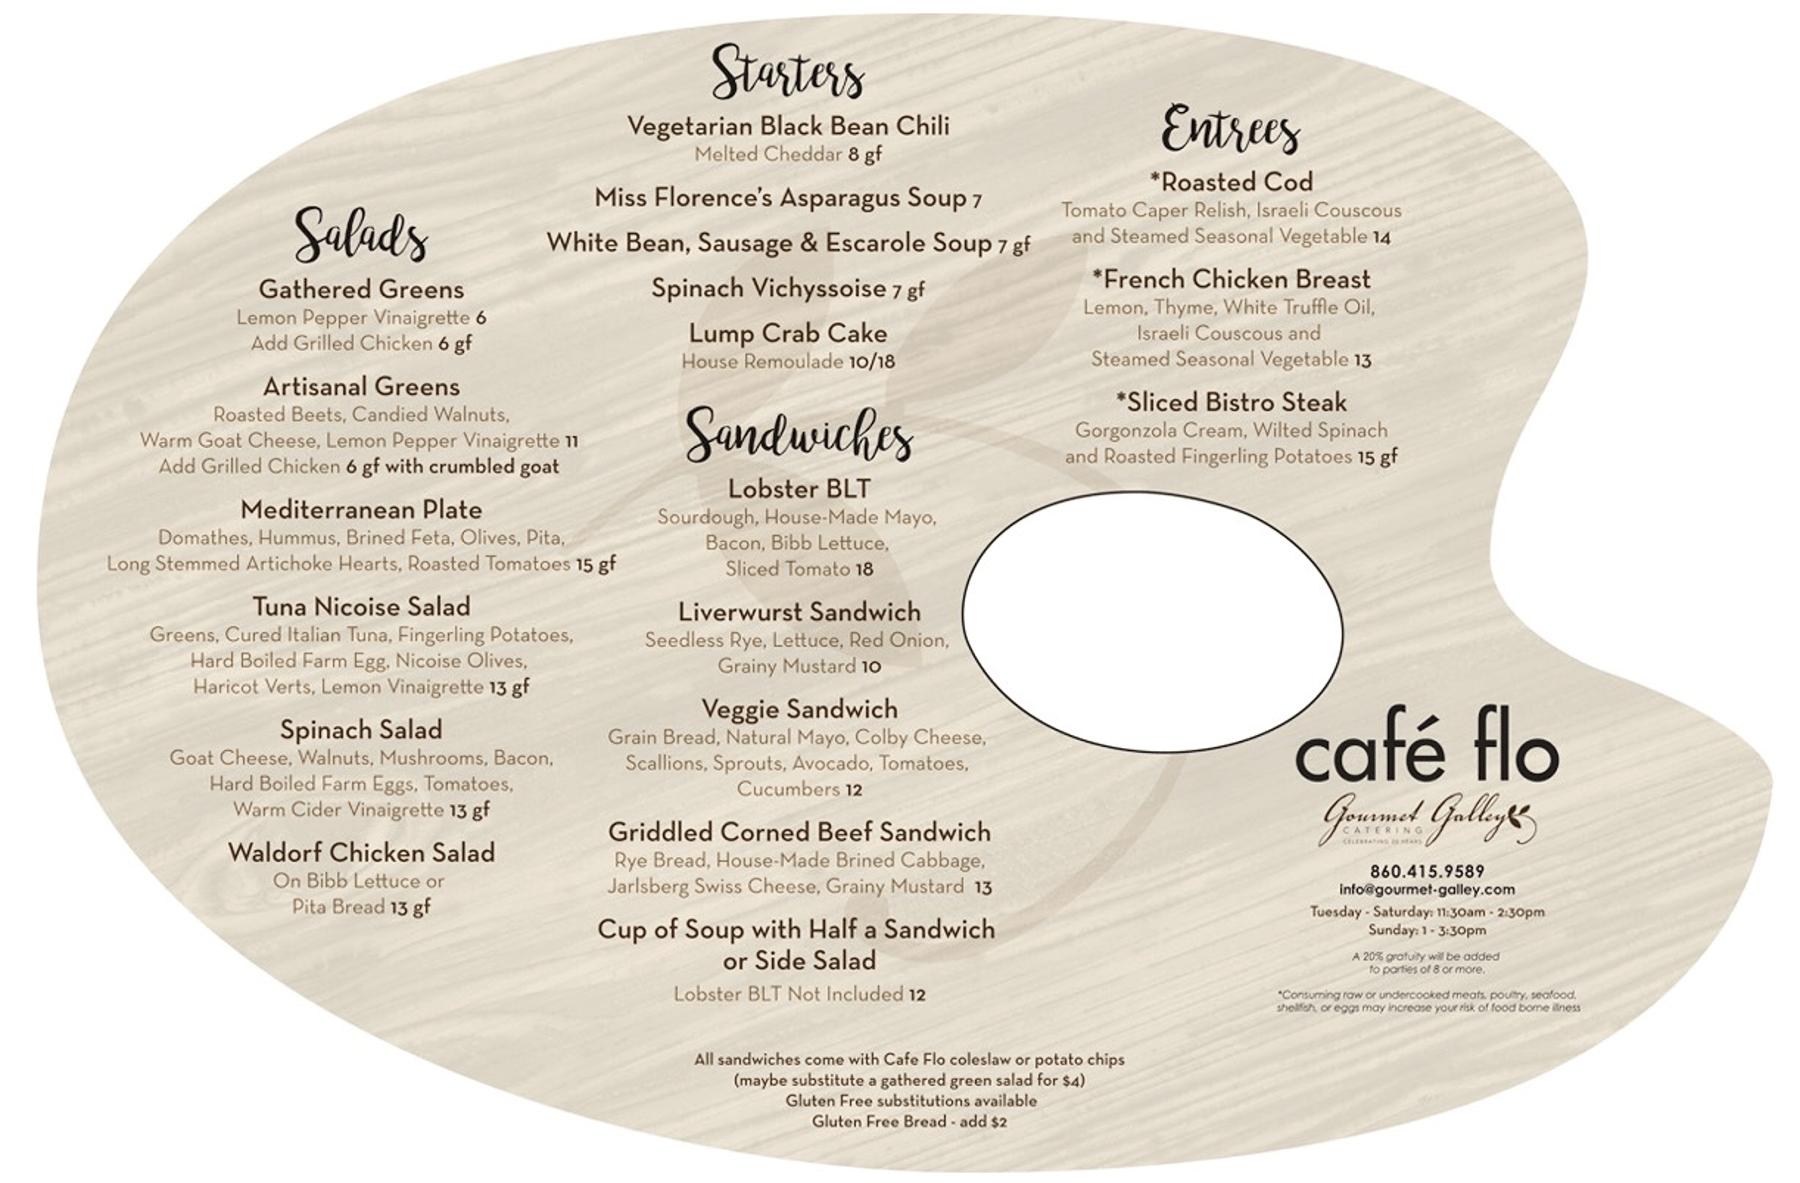 cafe flo menu